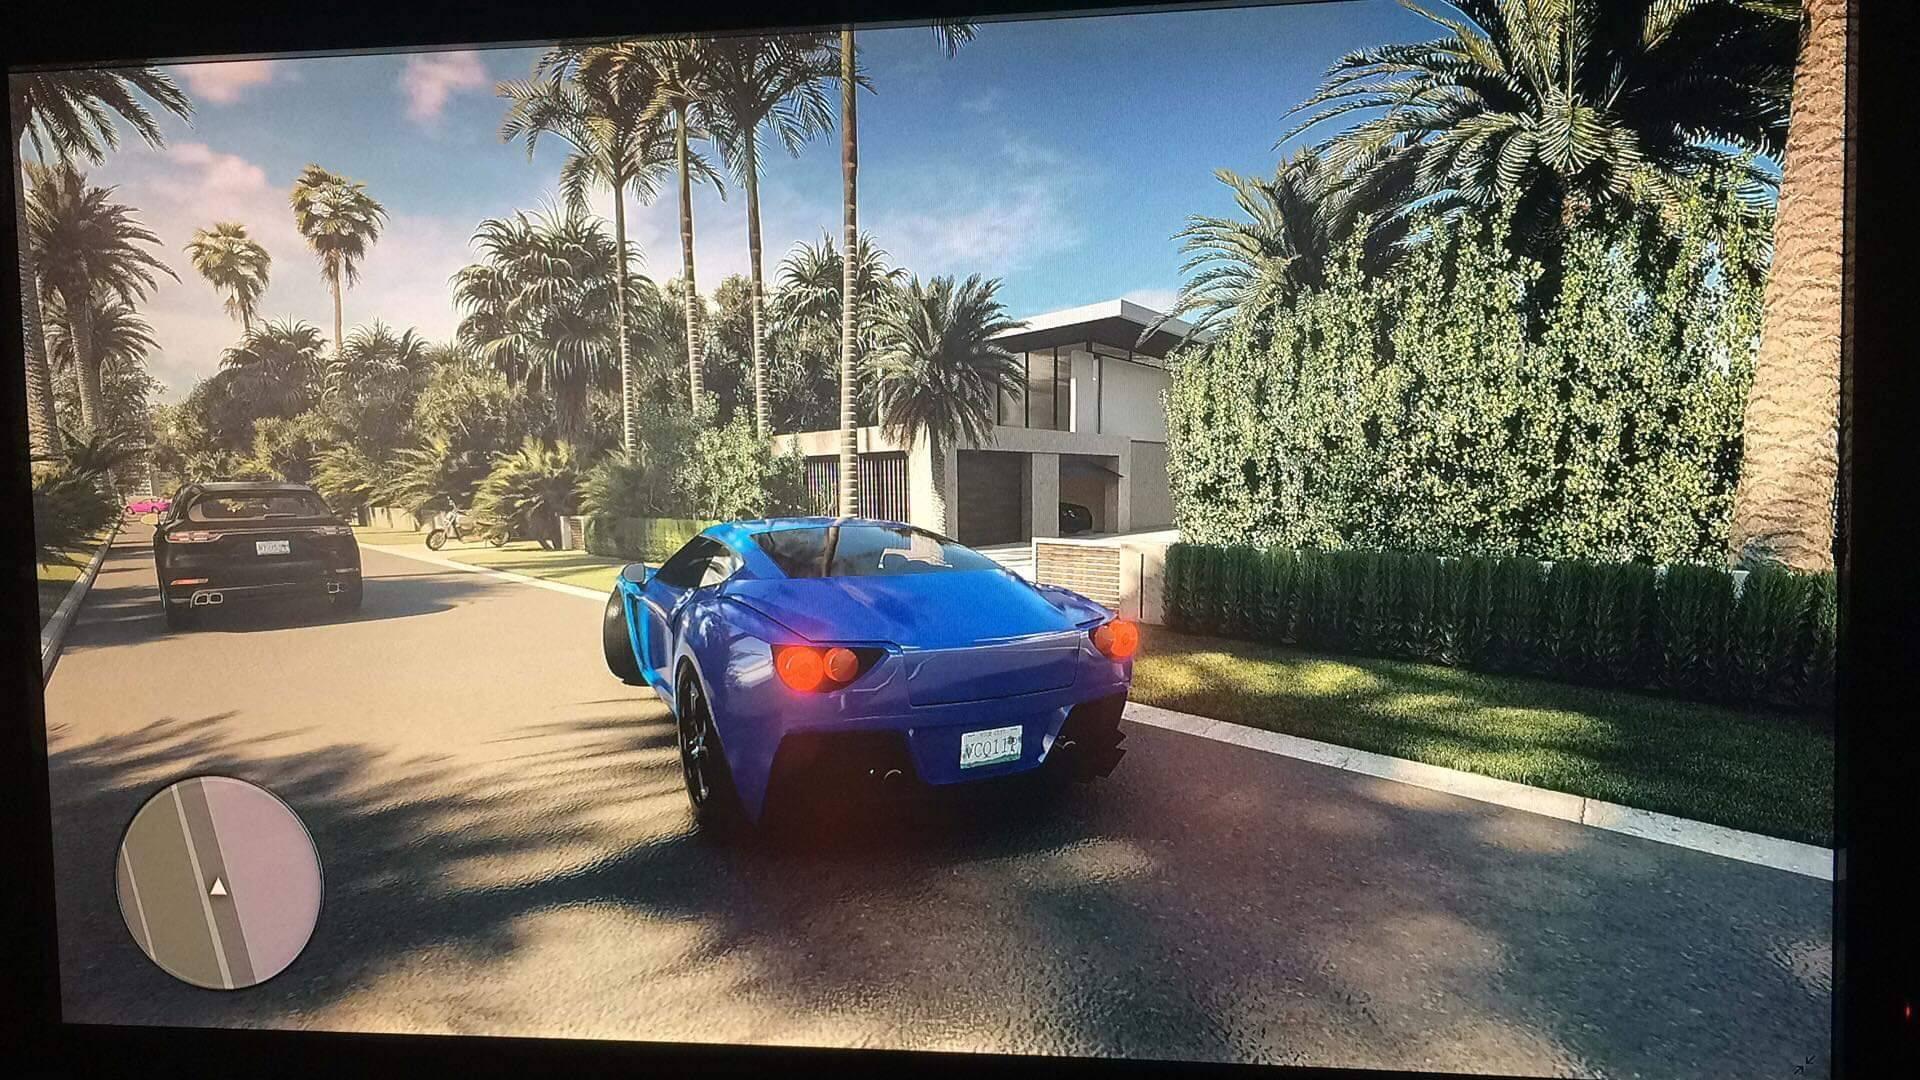 Uma nova suposta screenshot de Grand Theft Auto VI (GTA 6) está novamente a circular na internet, a imagem é muito semelhante com a última que vazou.